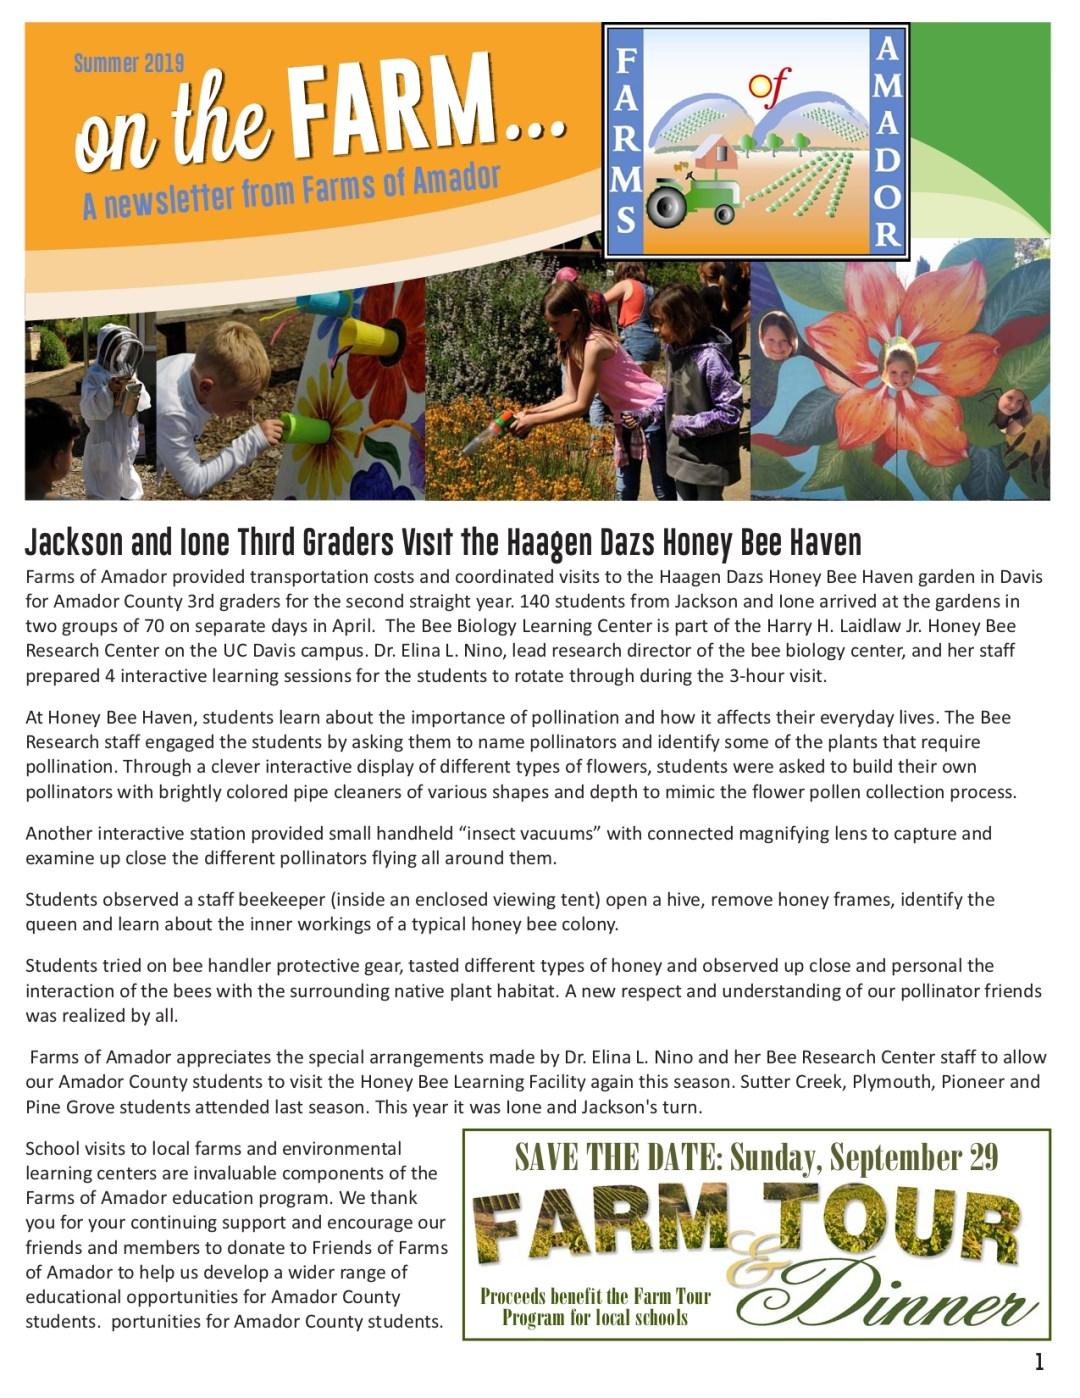 Summer 2019 newsletter pg 1